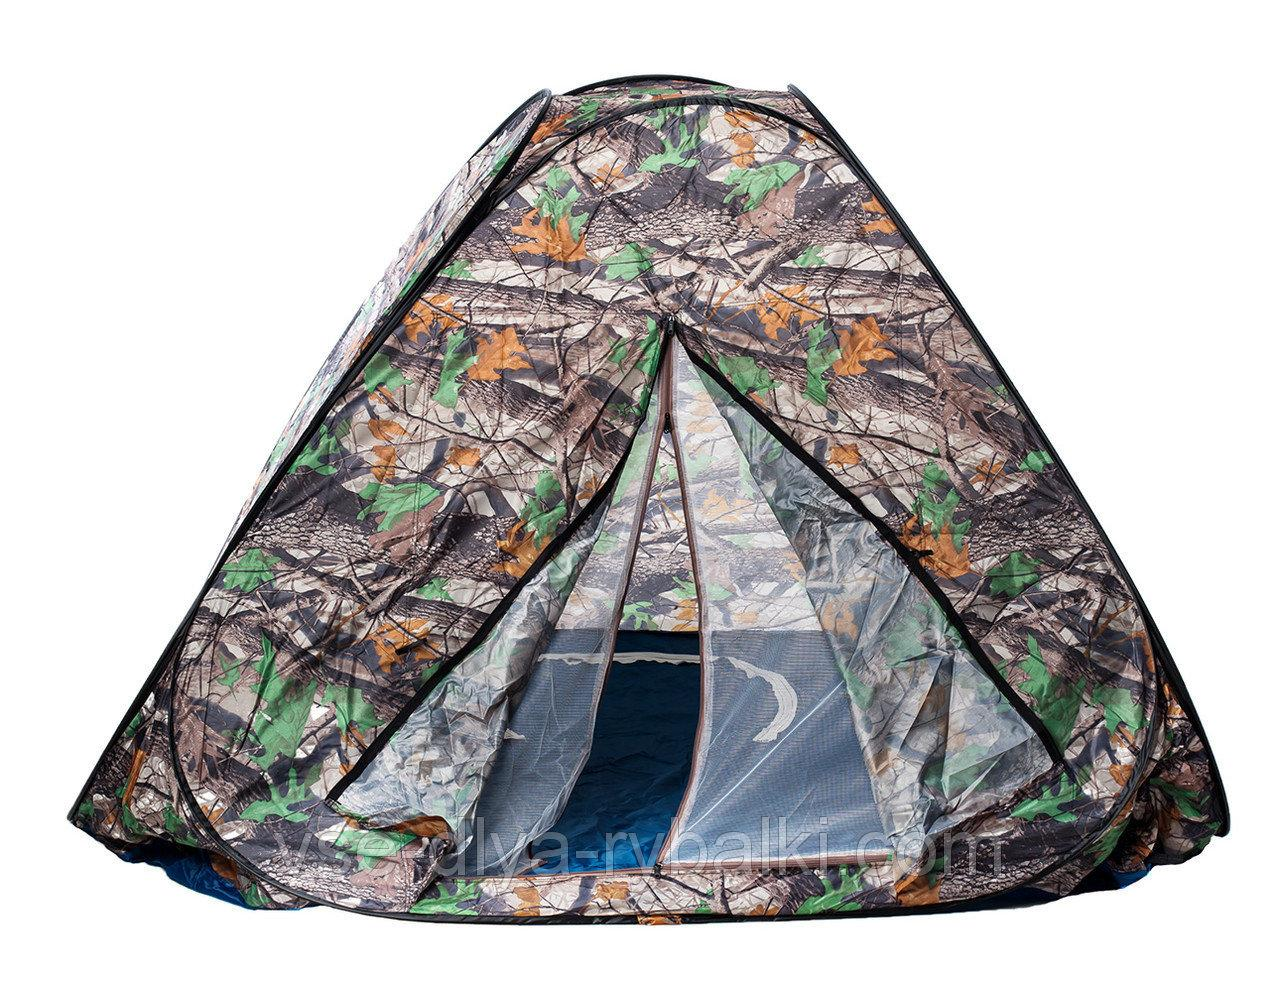 9718b4370ce Палатка автомат 2,5*2,5м 1,7м Летняя для рыбалки и туризма(москитная ...